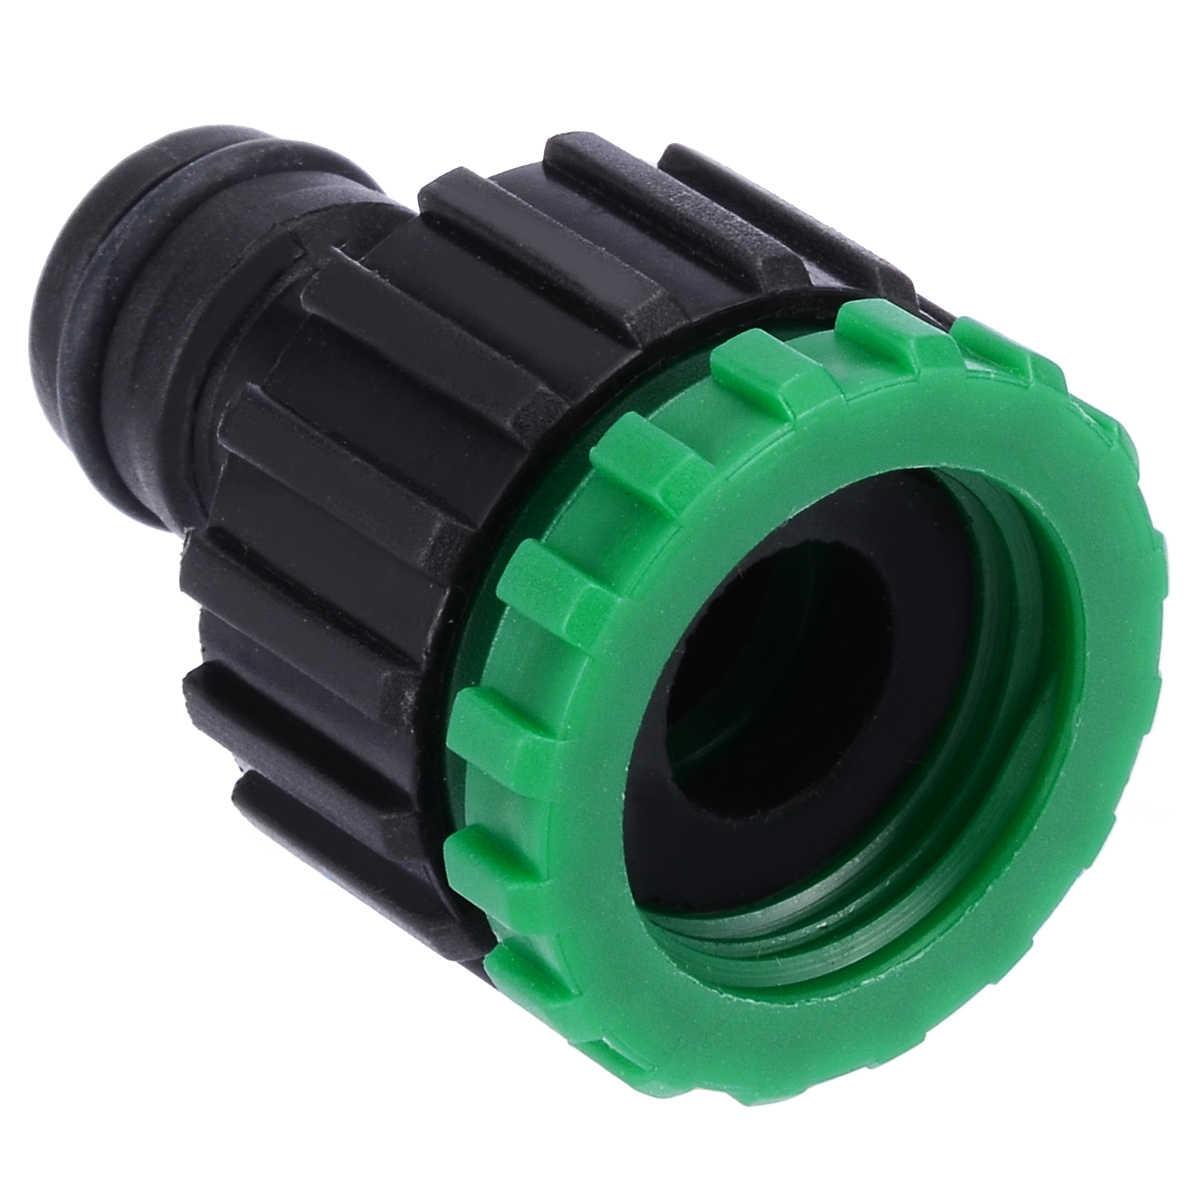 """1/2 en 3/4 """"Tuin Tap Slang Pijp Connector Snelle Koppeling Adapter Drip Tape Voor Hogedrukreinigers Tuin Irrigatie Tool"""